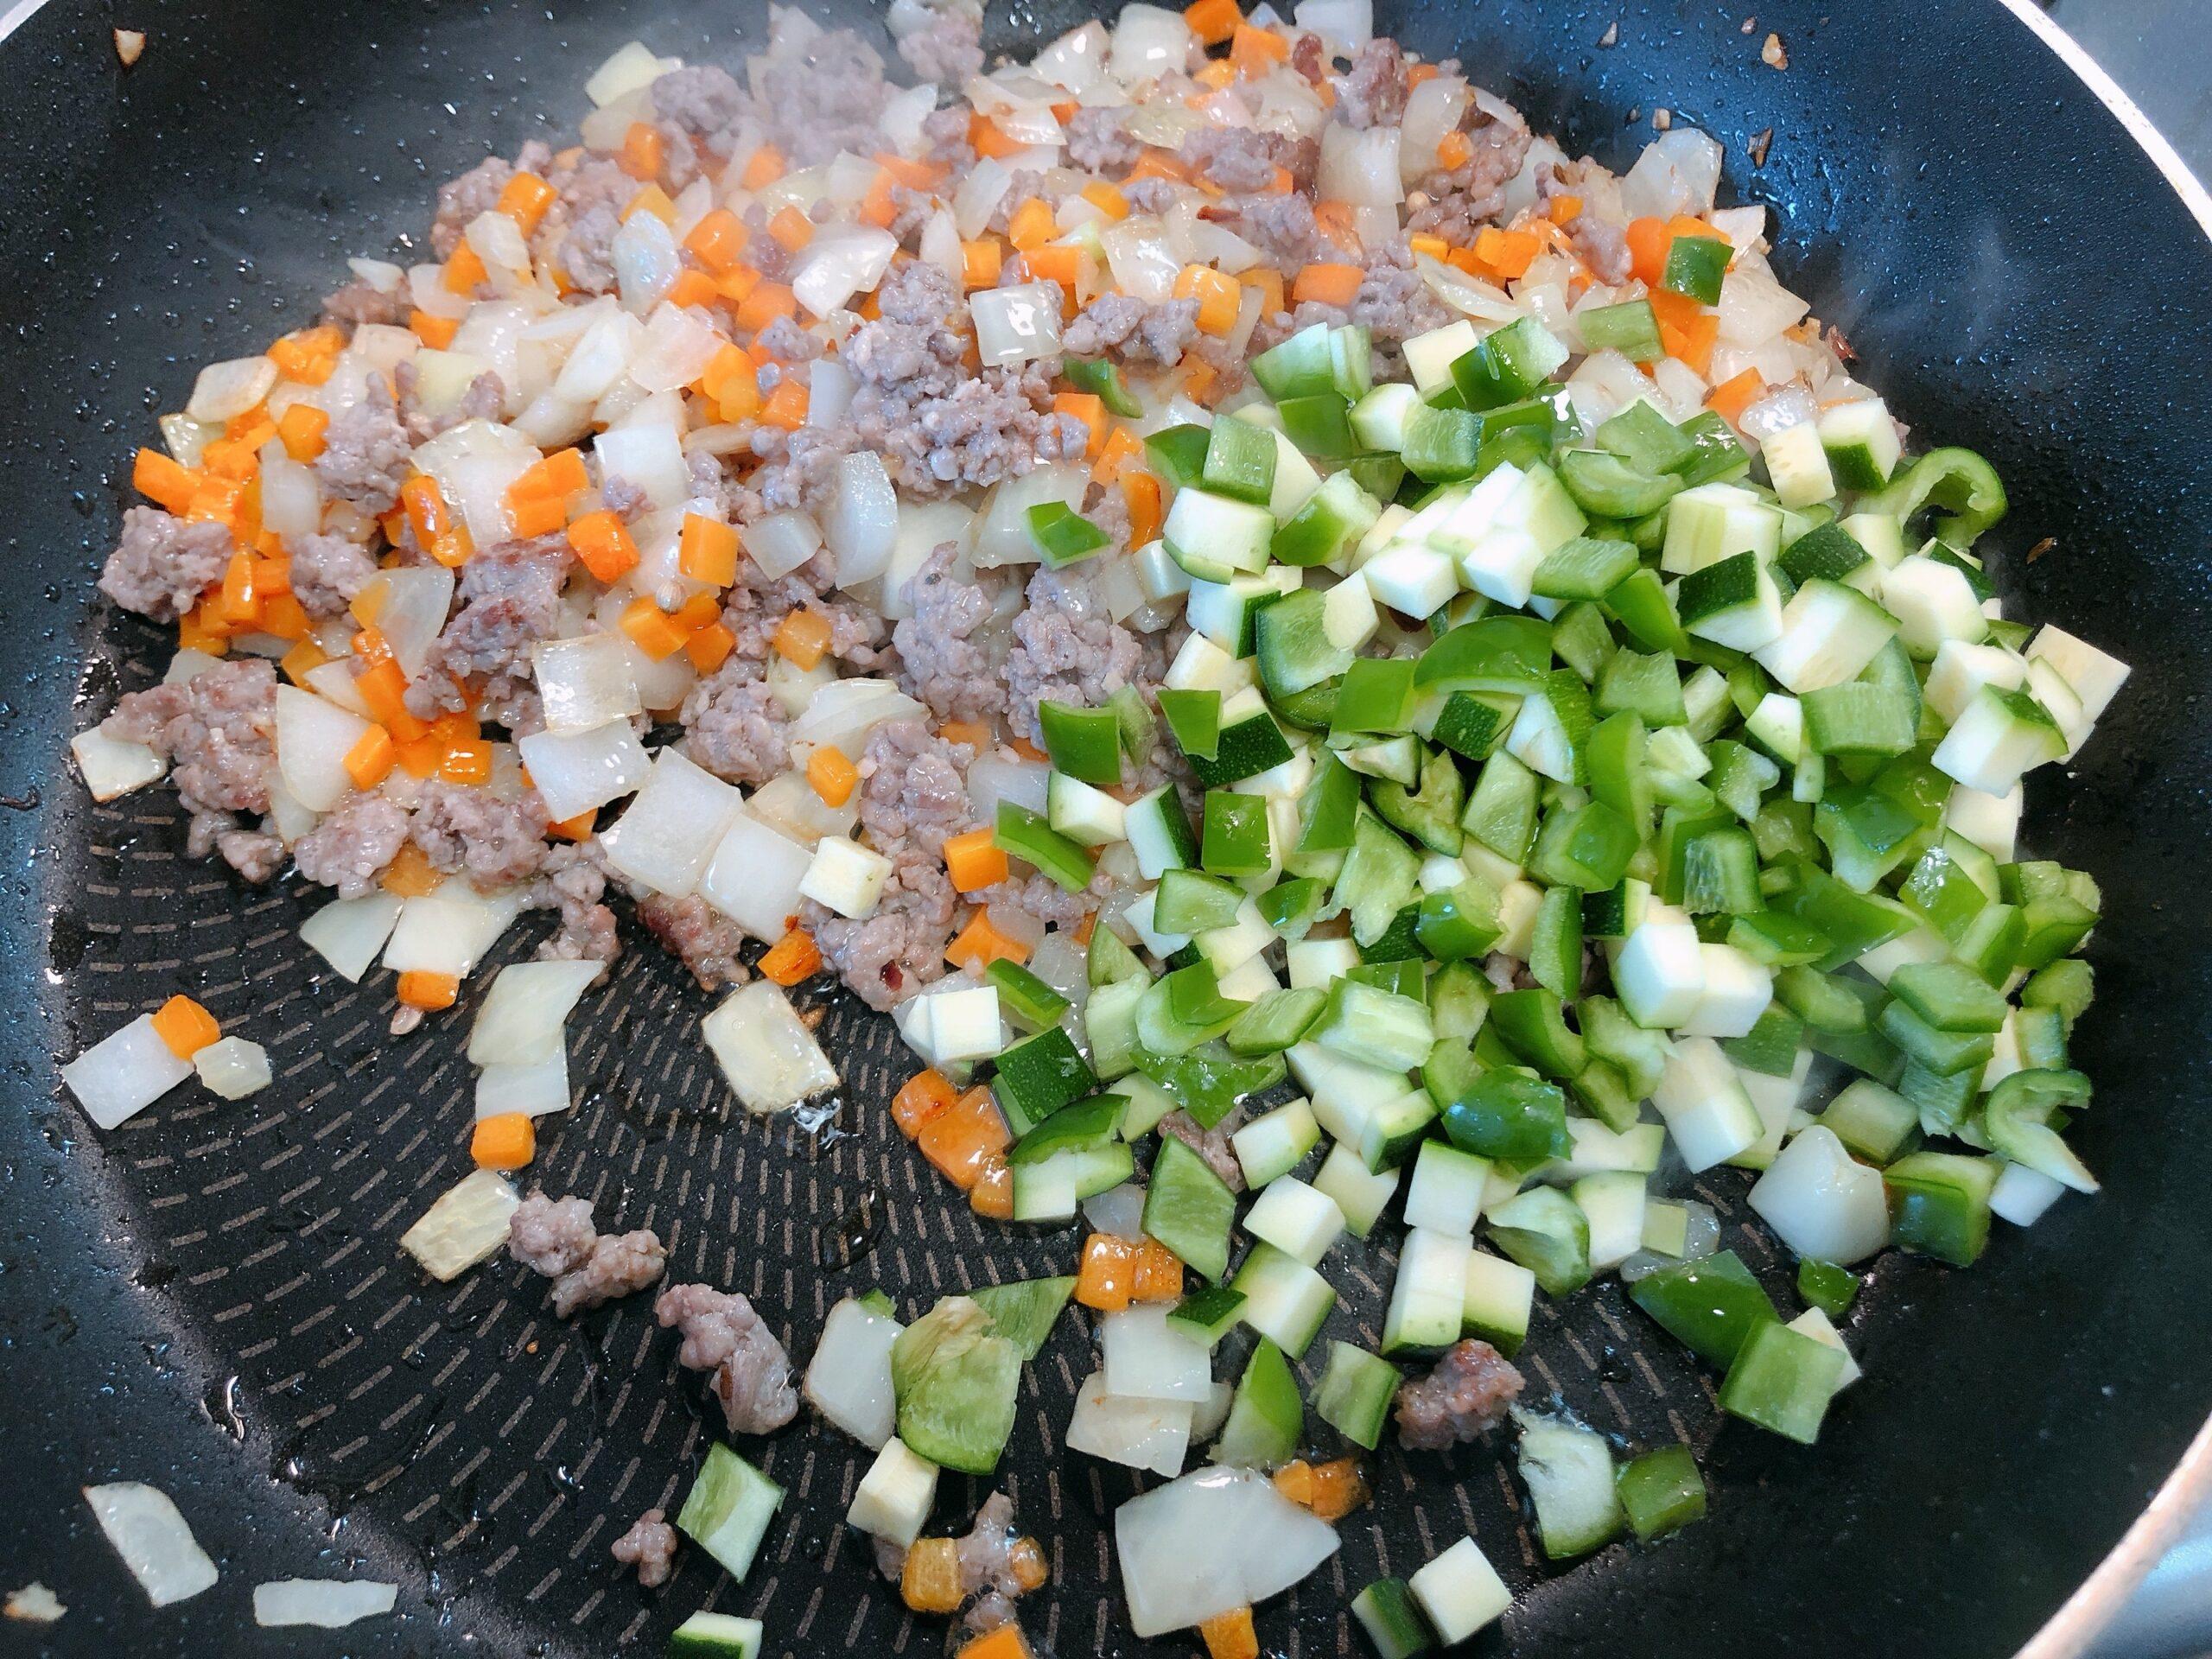 香味野菜をよく炒めたので、ズッキーニとピーマンを加えた状態の画像です